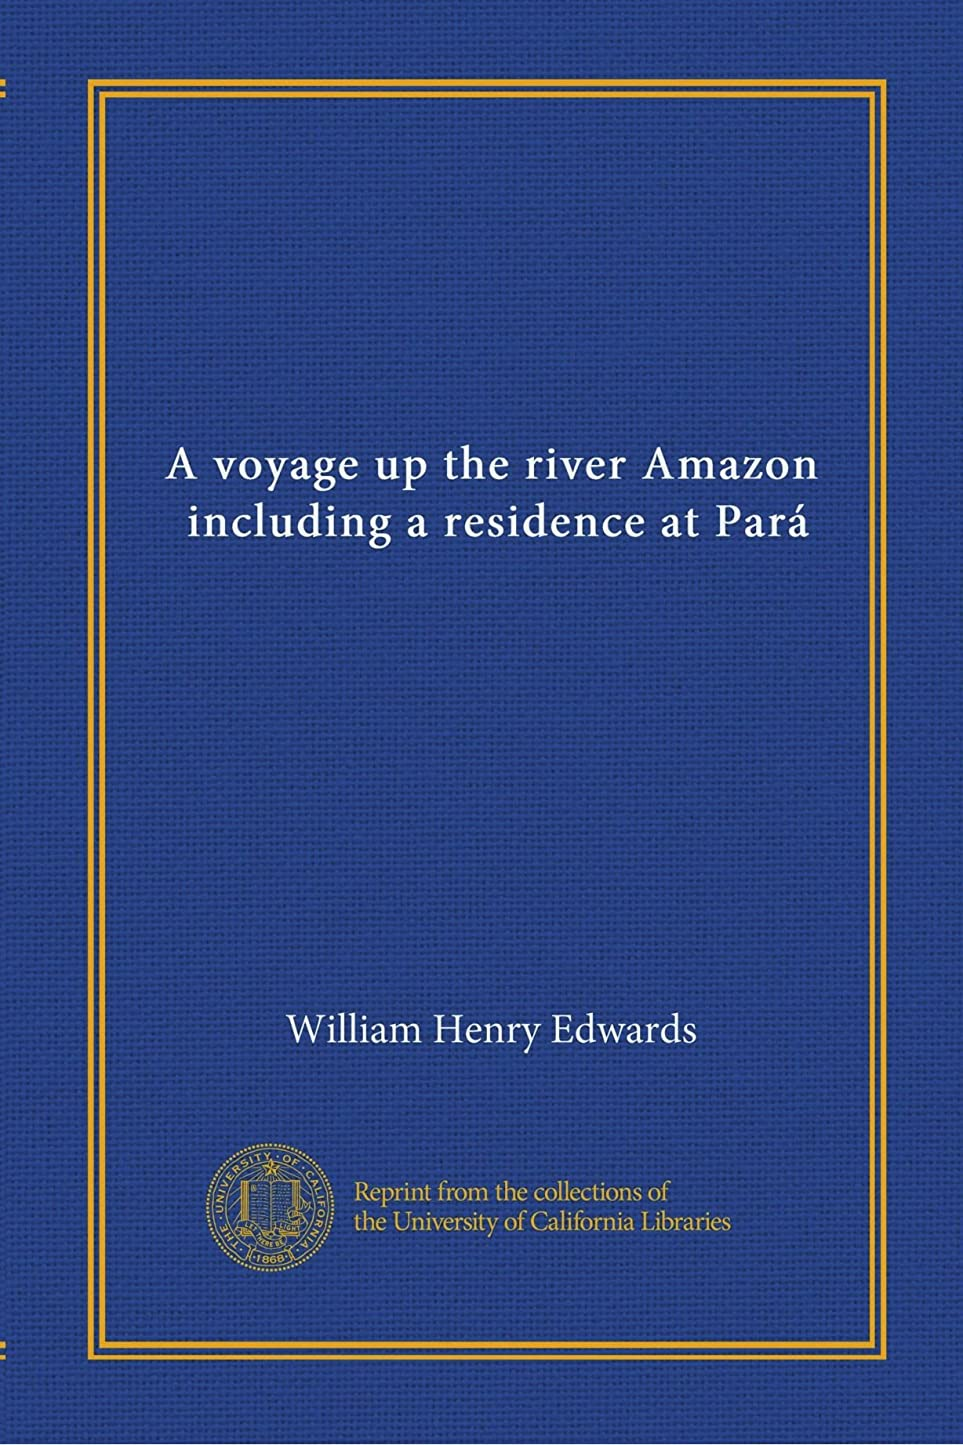 流体ヒント流体A voyage up the river Amazon, including a residence at Pará